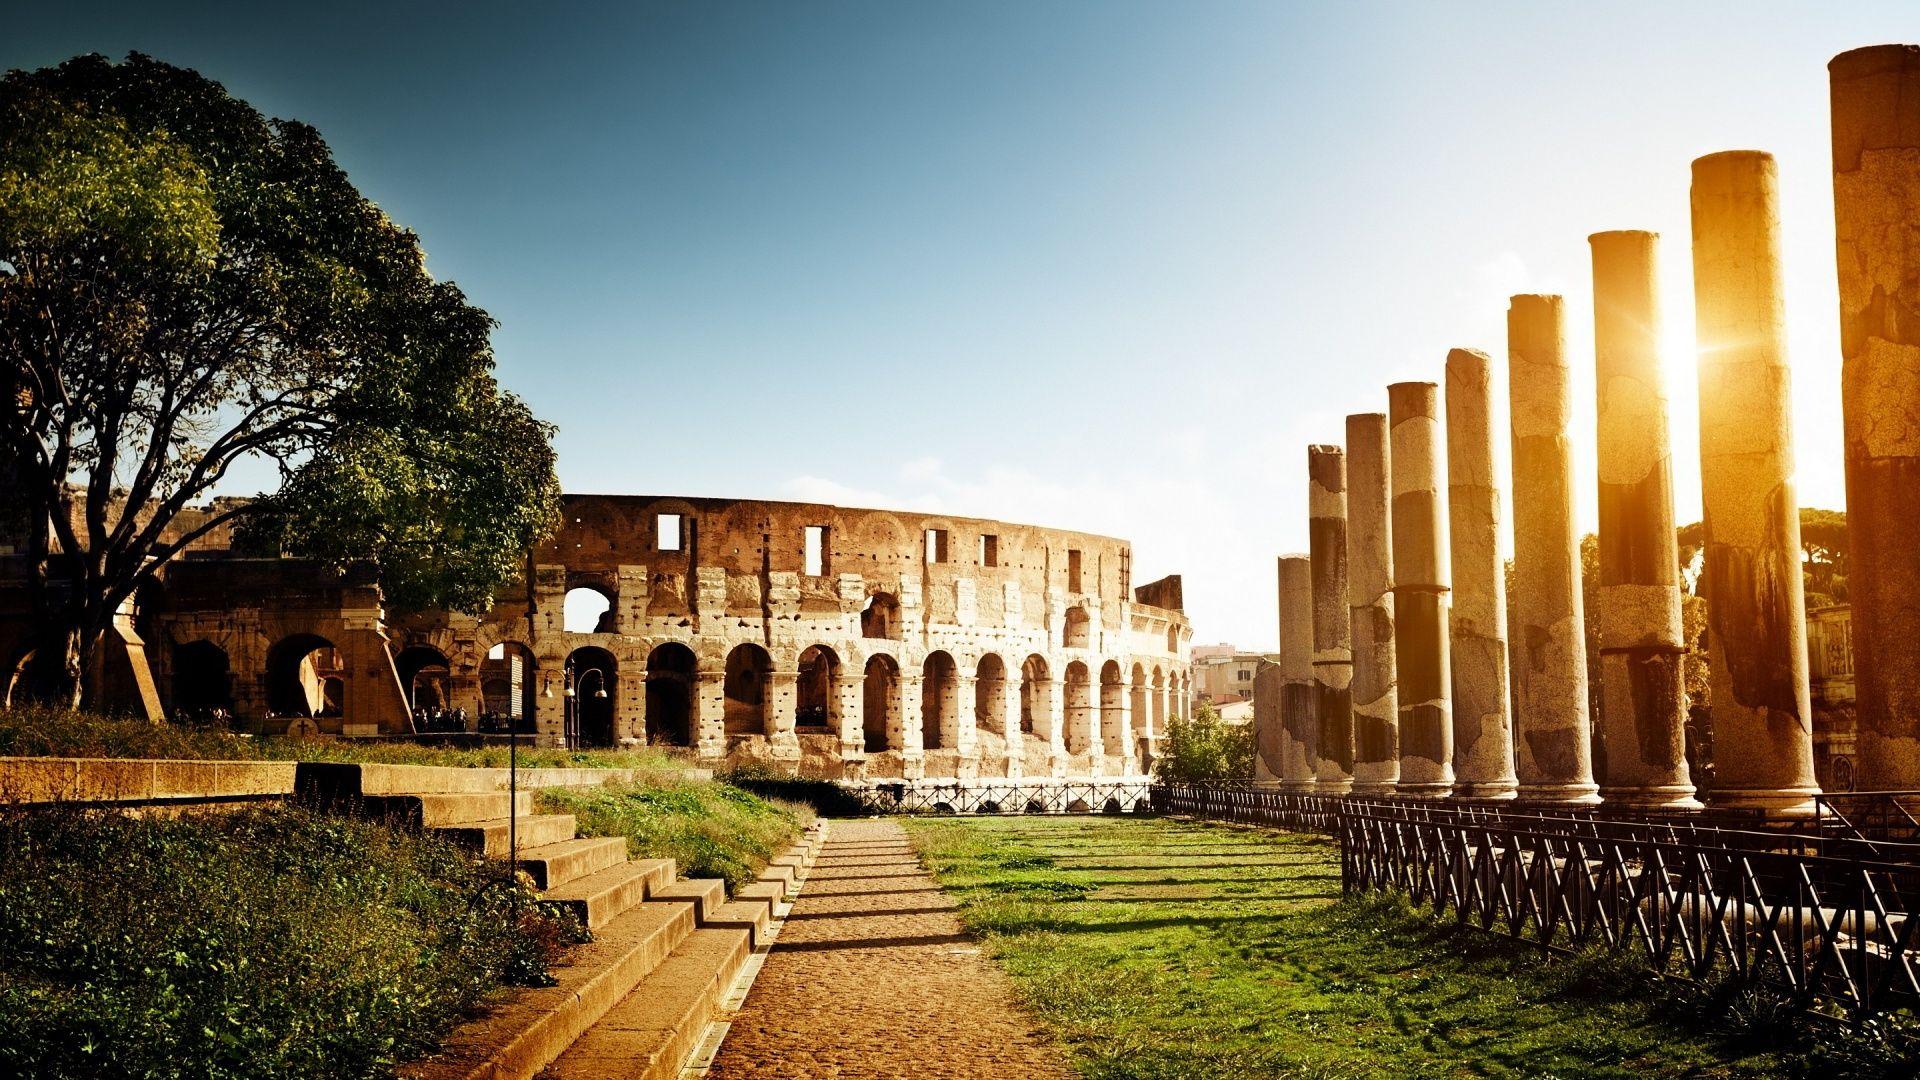 roma city landscape wallpaper iphone wallpaper | italia & sicilia